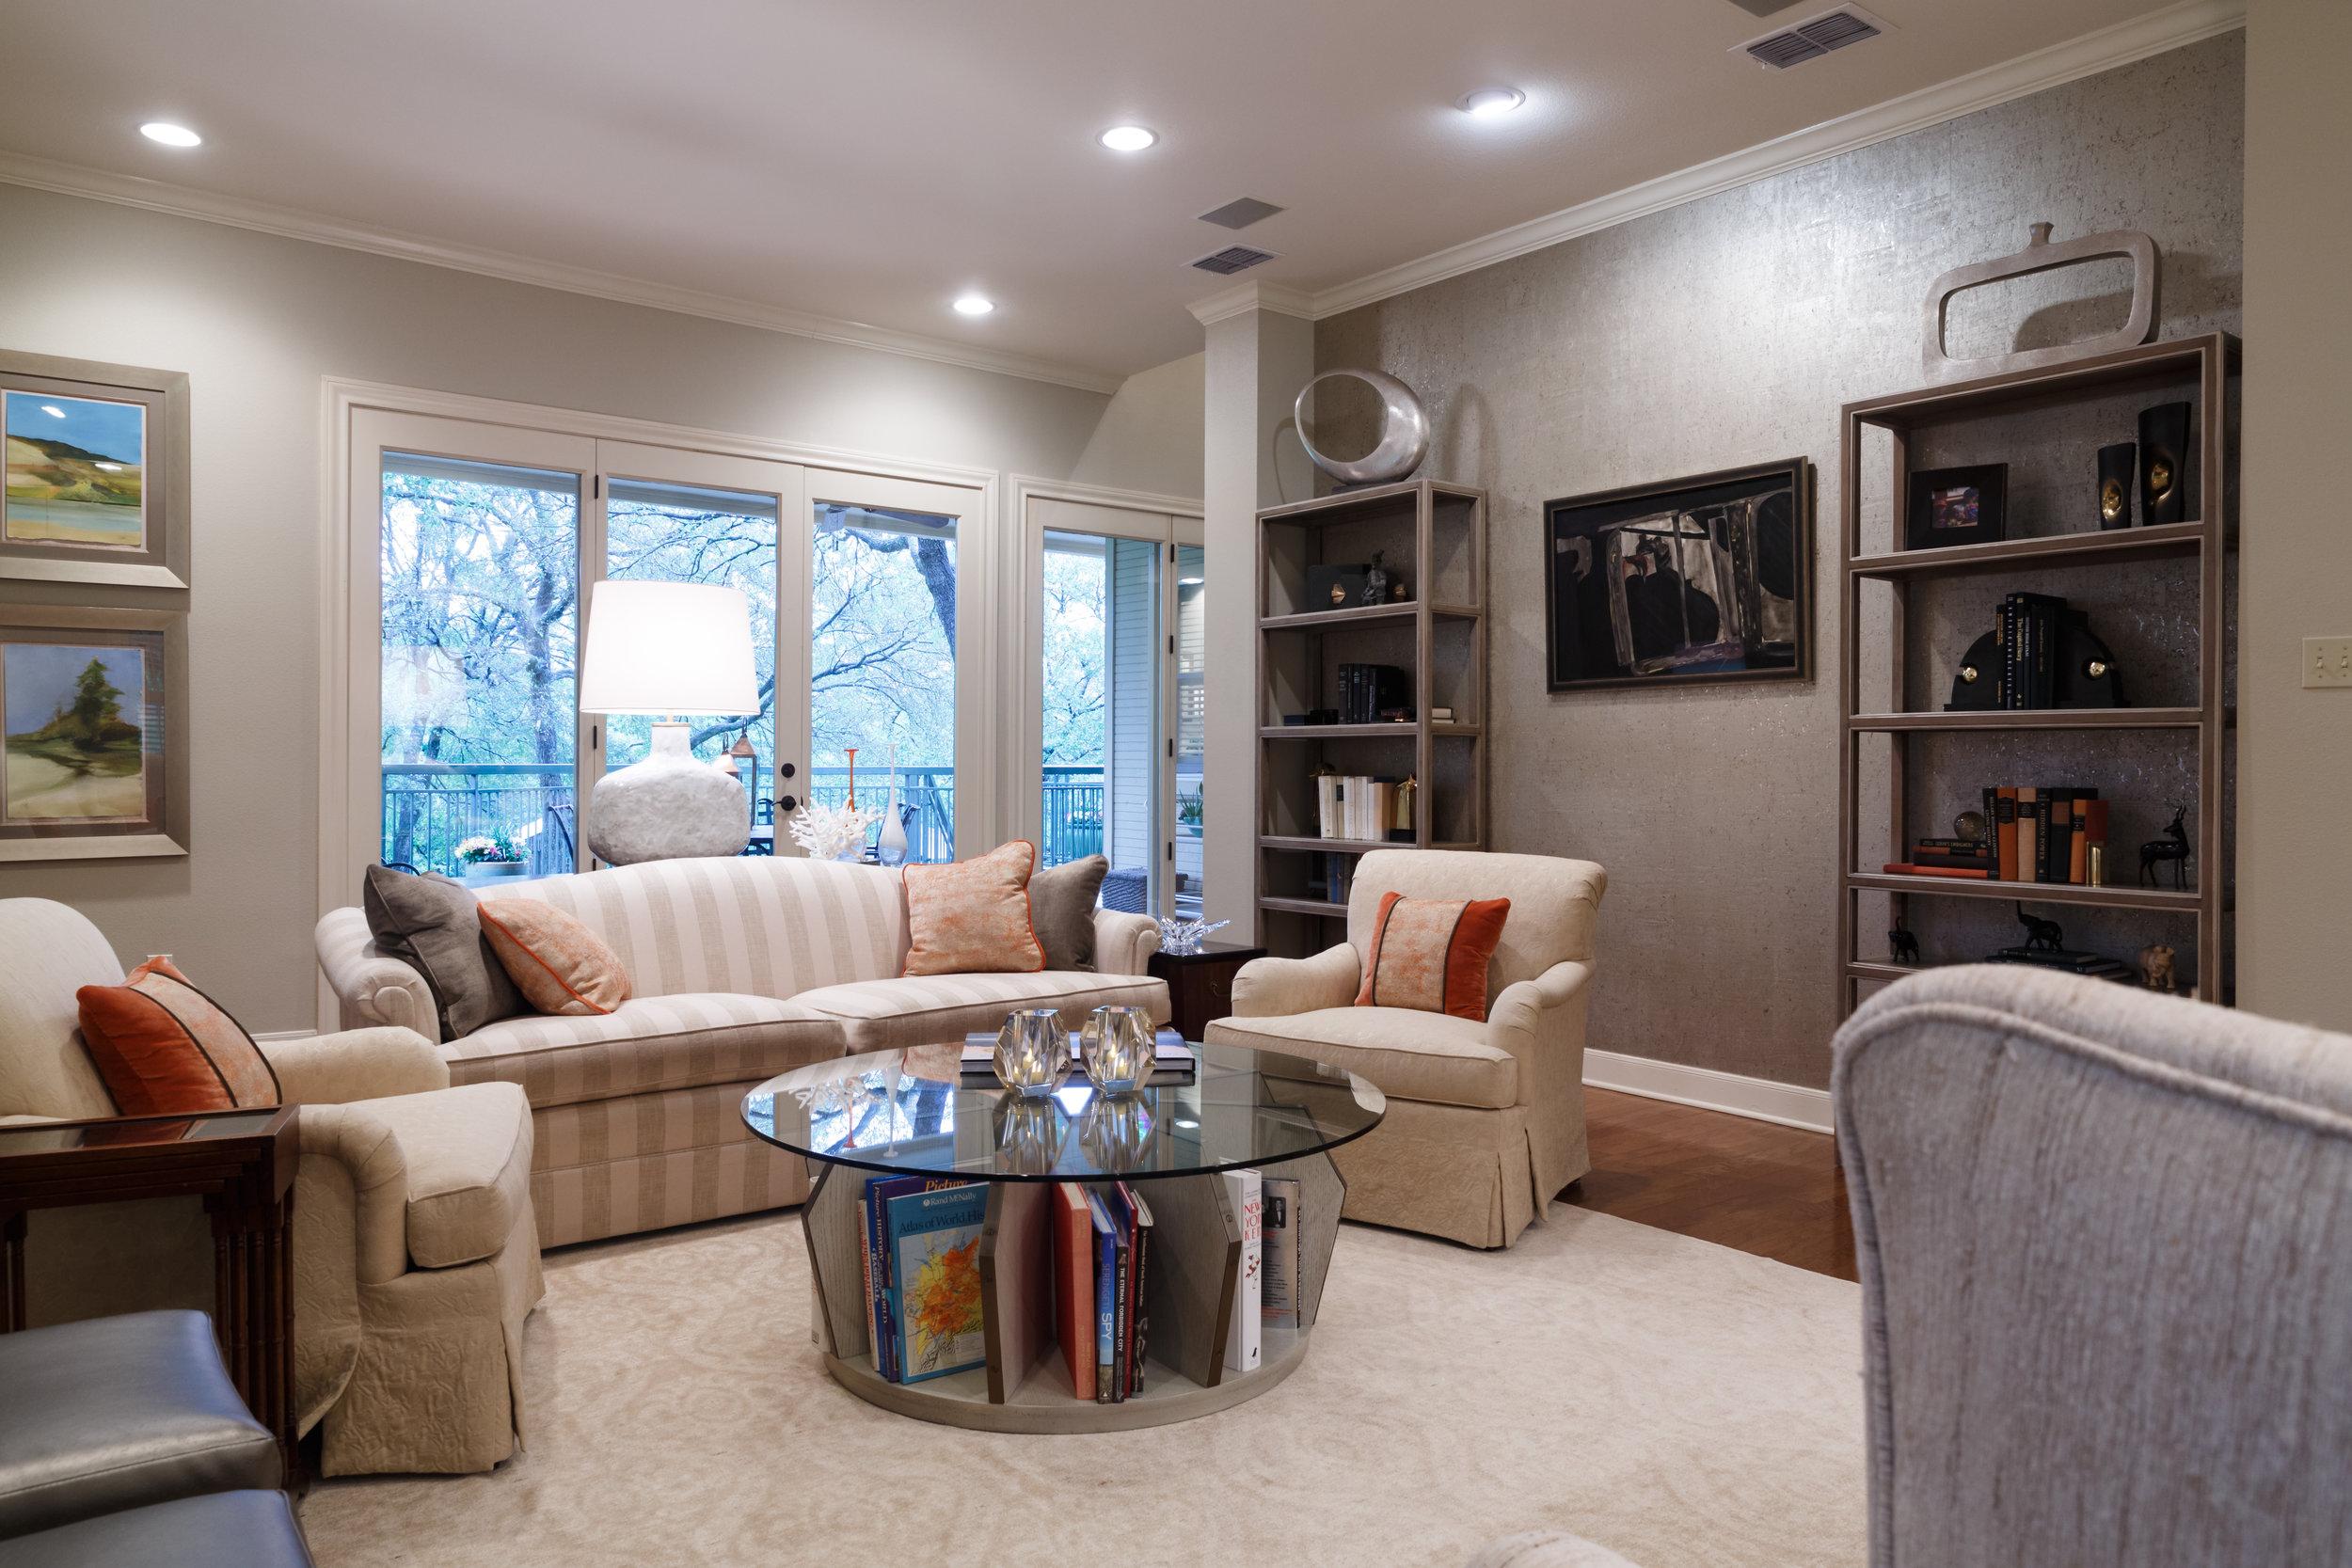 Westlake Home Design